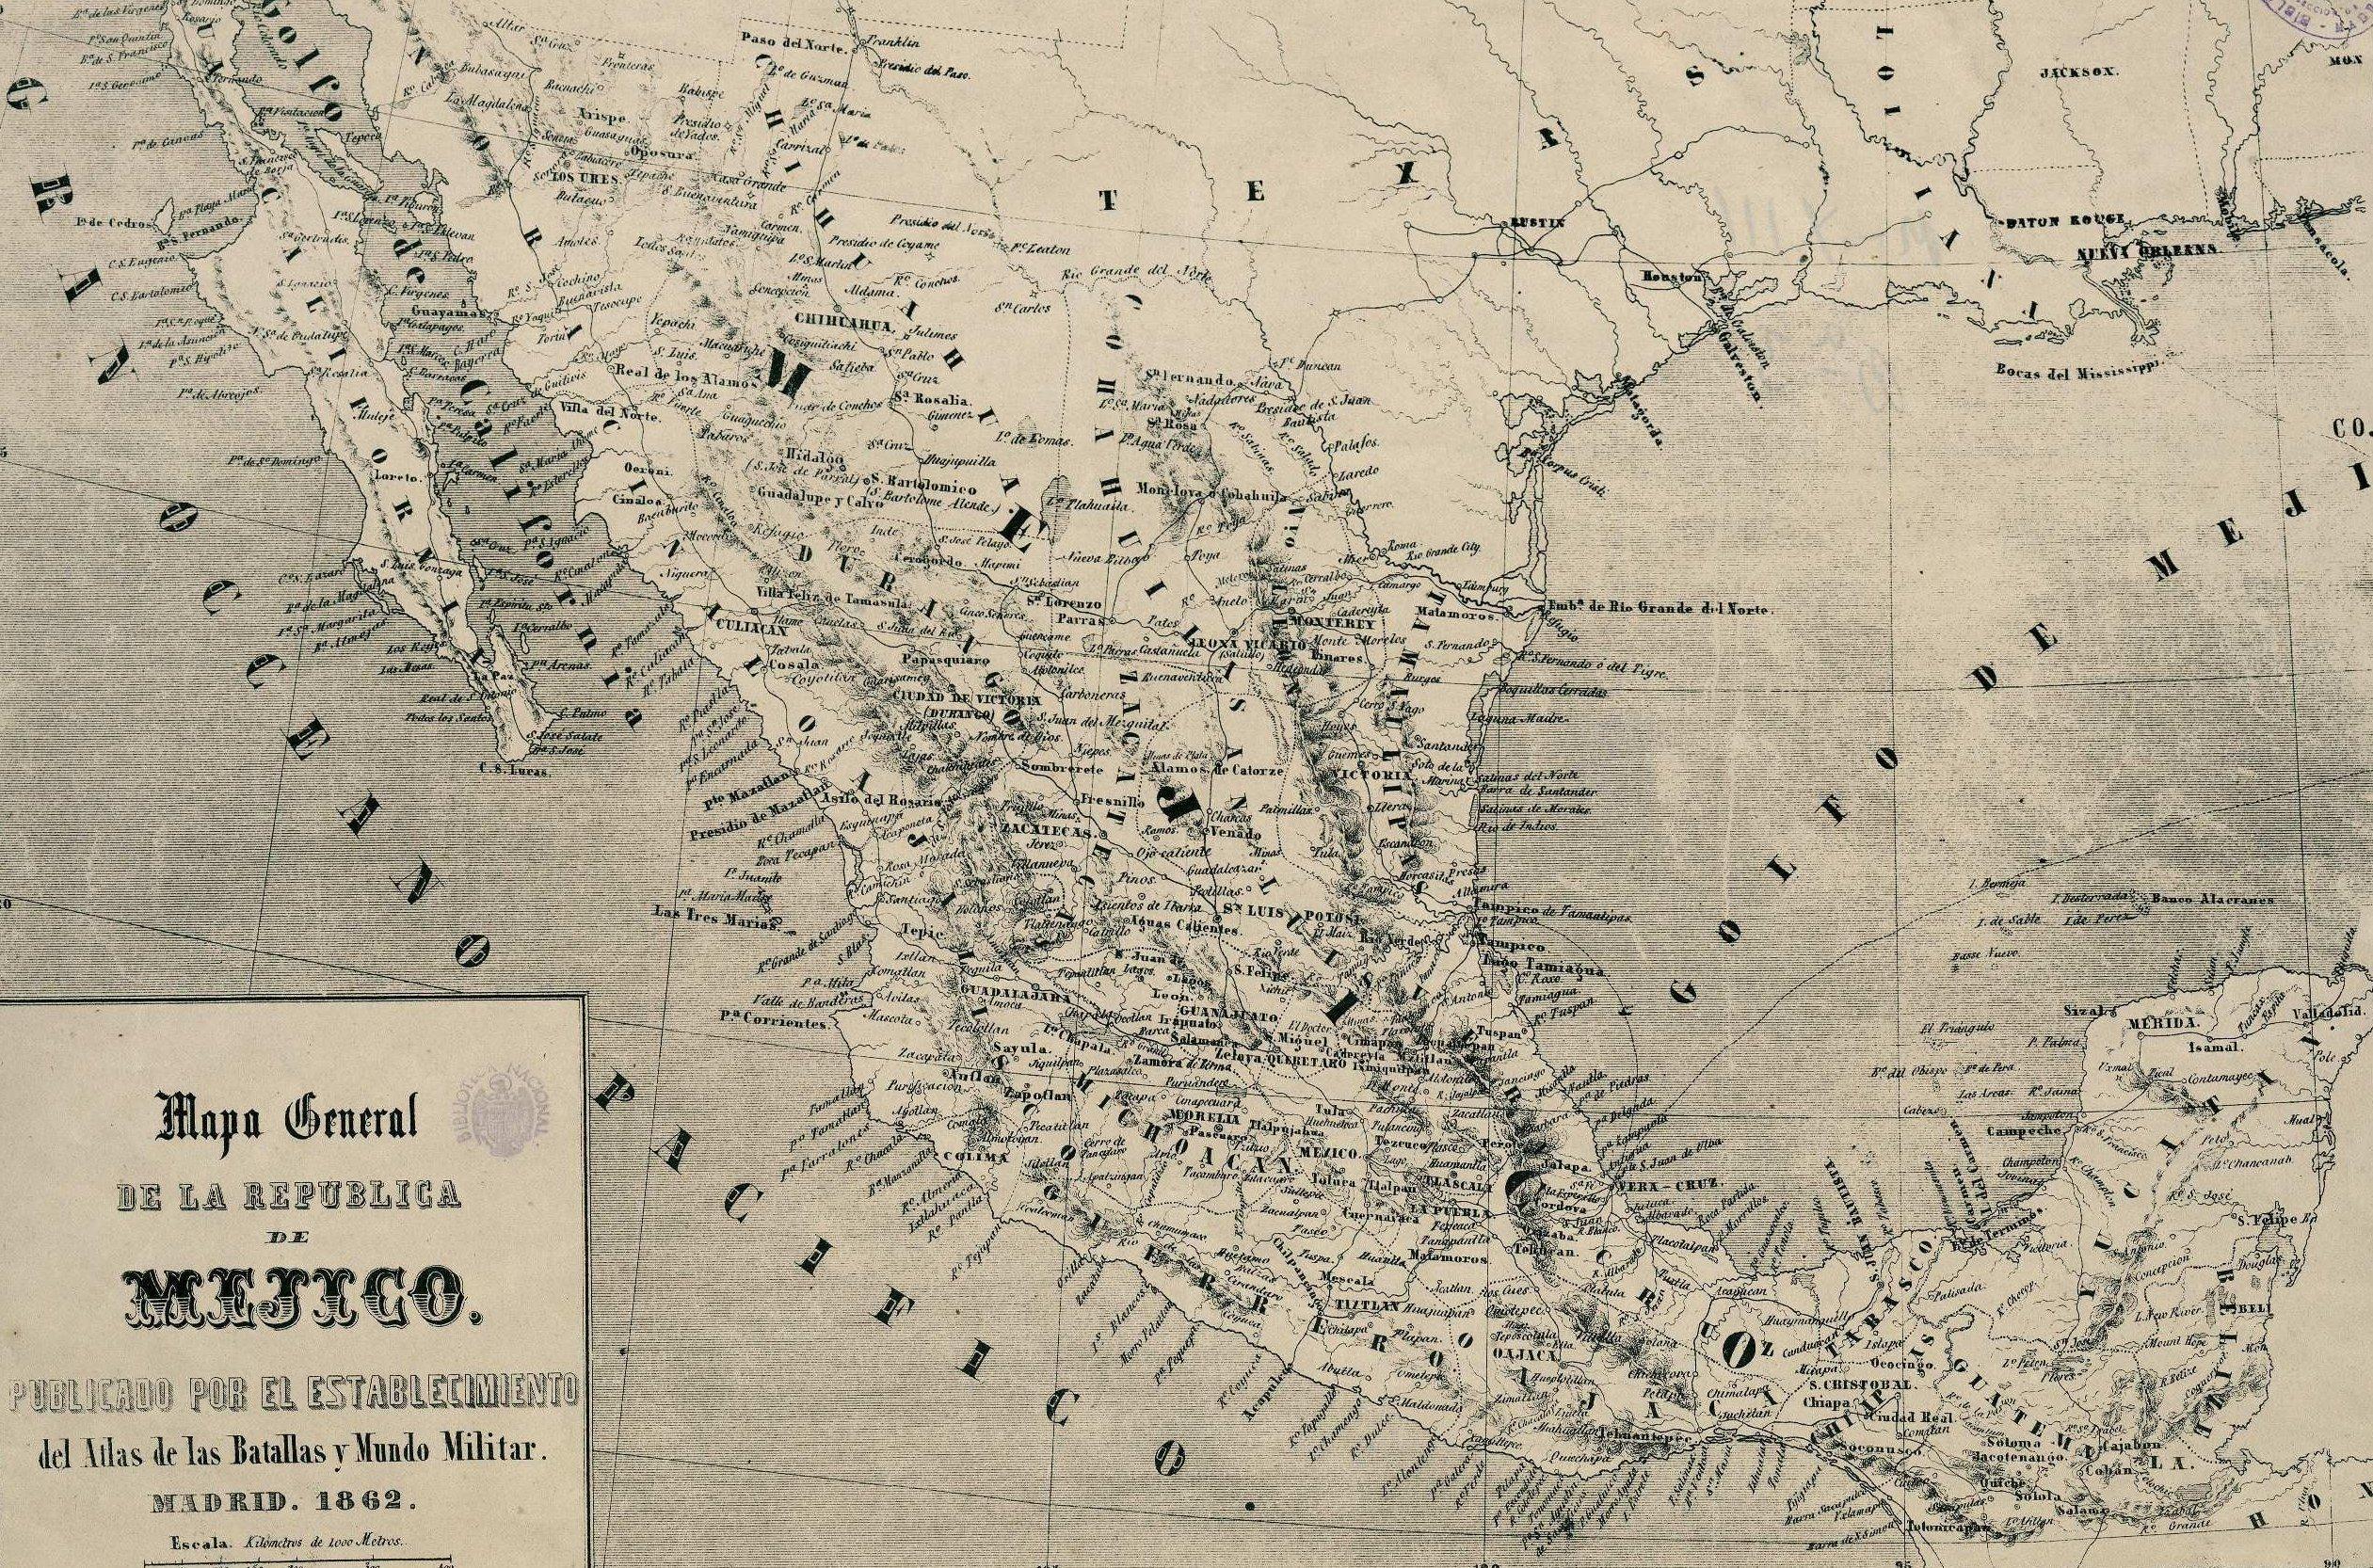 Mapa español de la República de Méjico y el golfo de Méjico (1862)